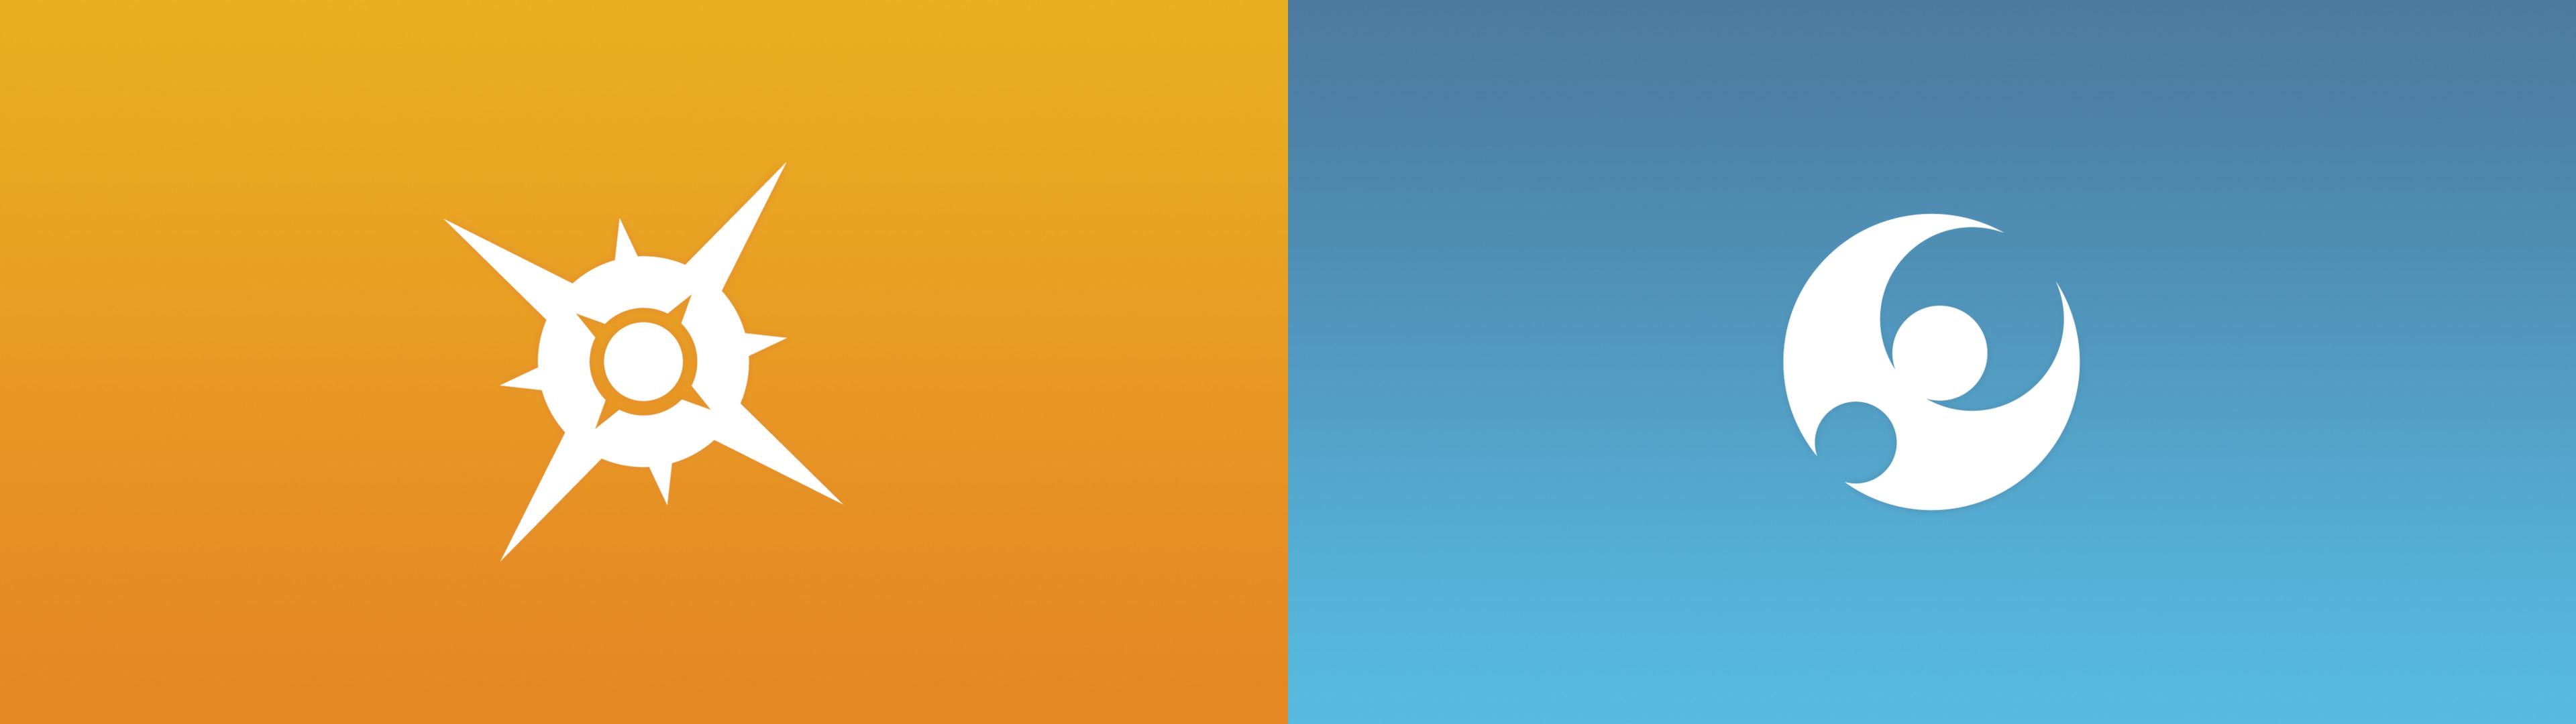 Pokémon Sun and Moon [3840×1080] (OC)Dual …